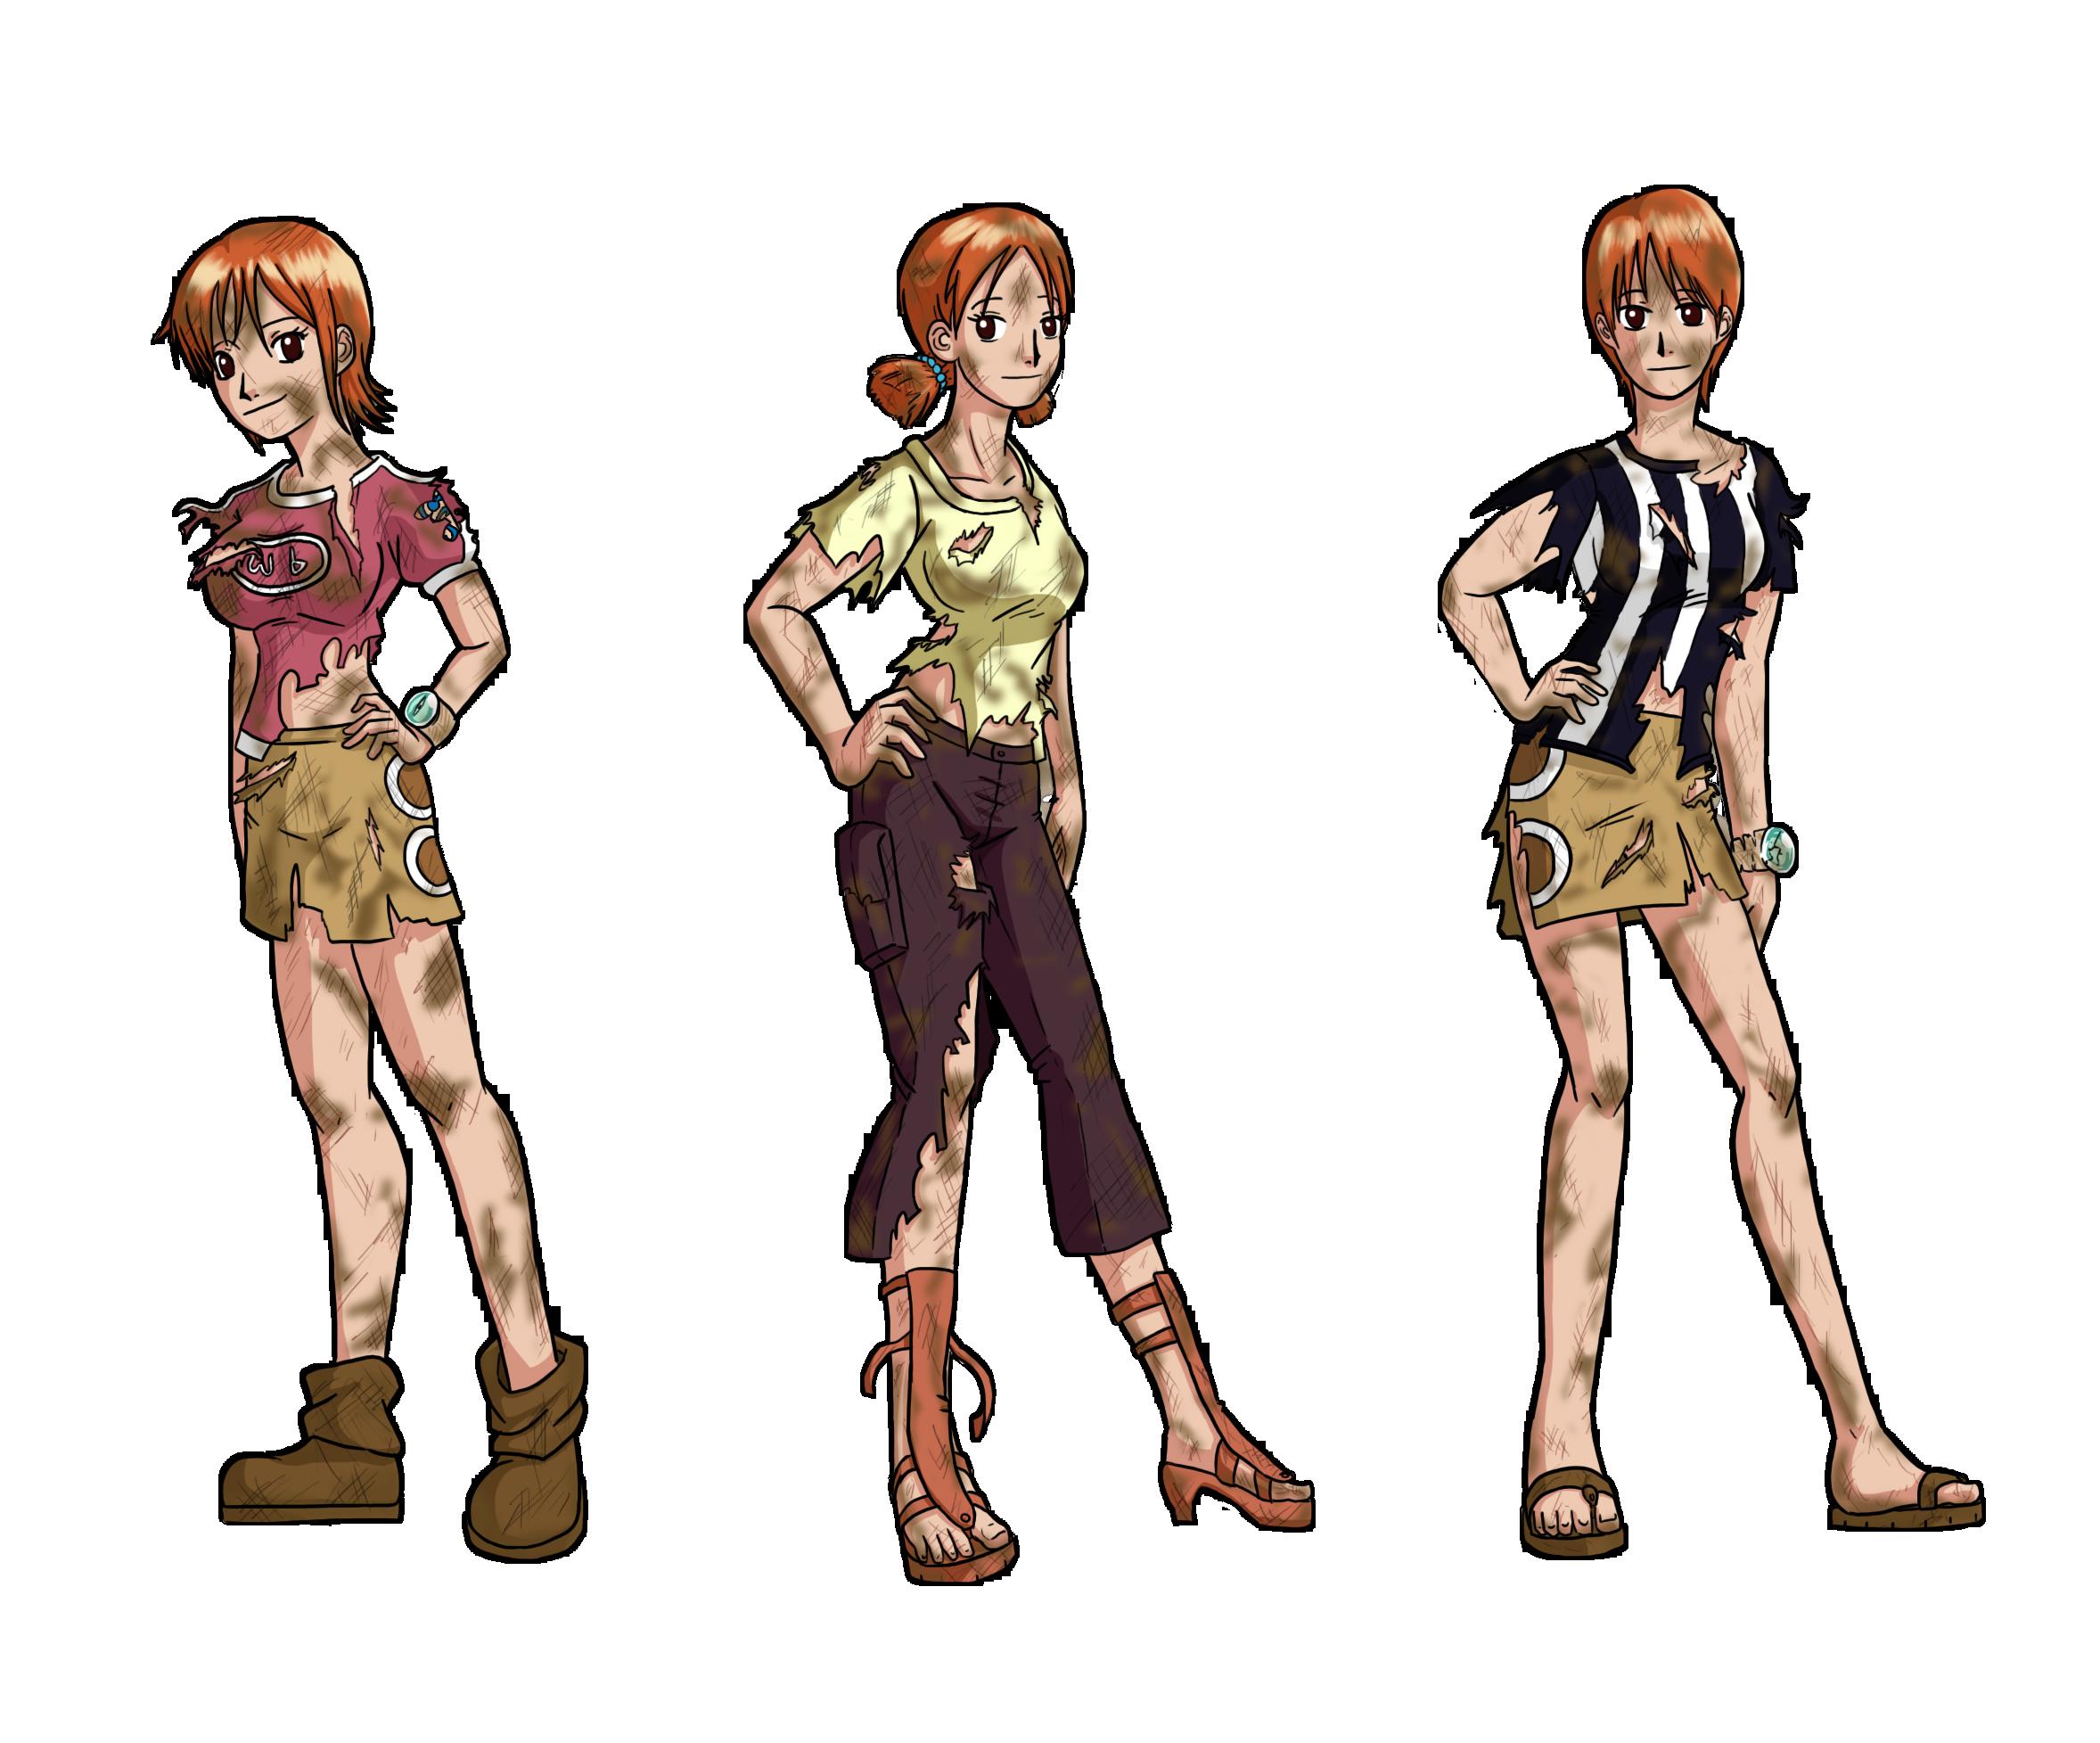 Tattered dress anime